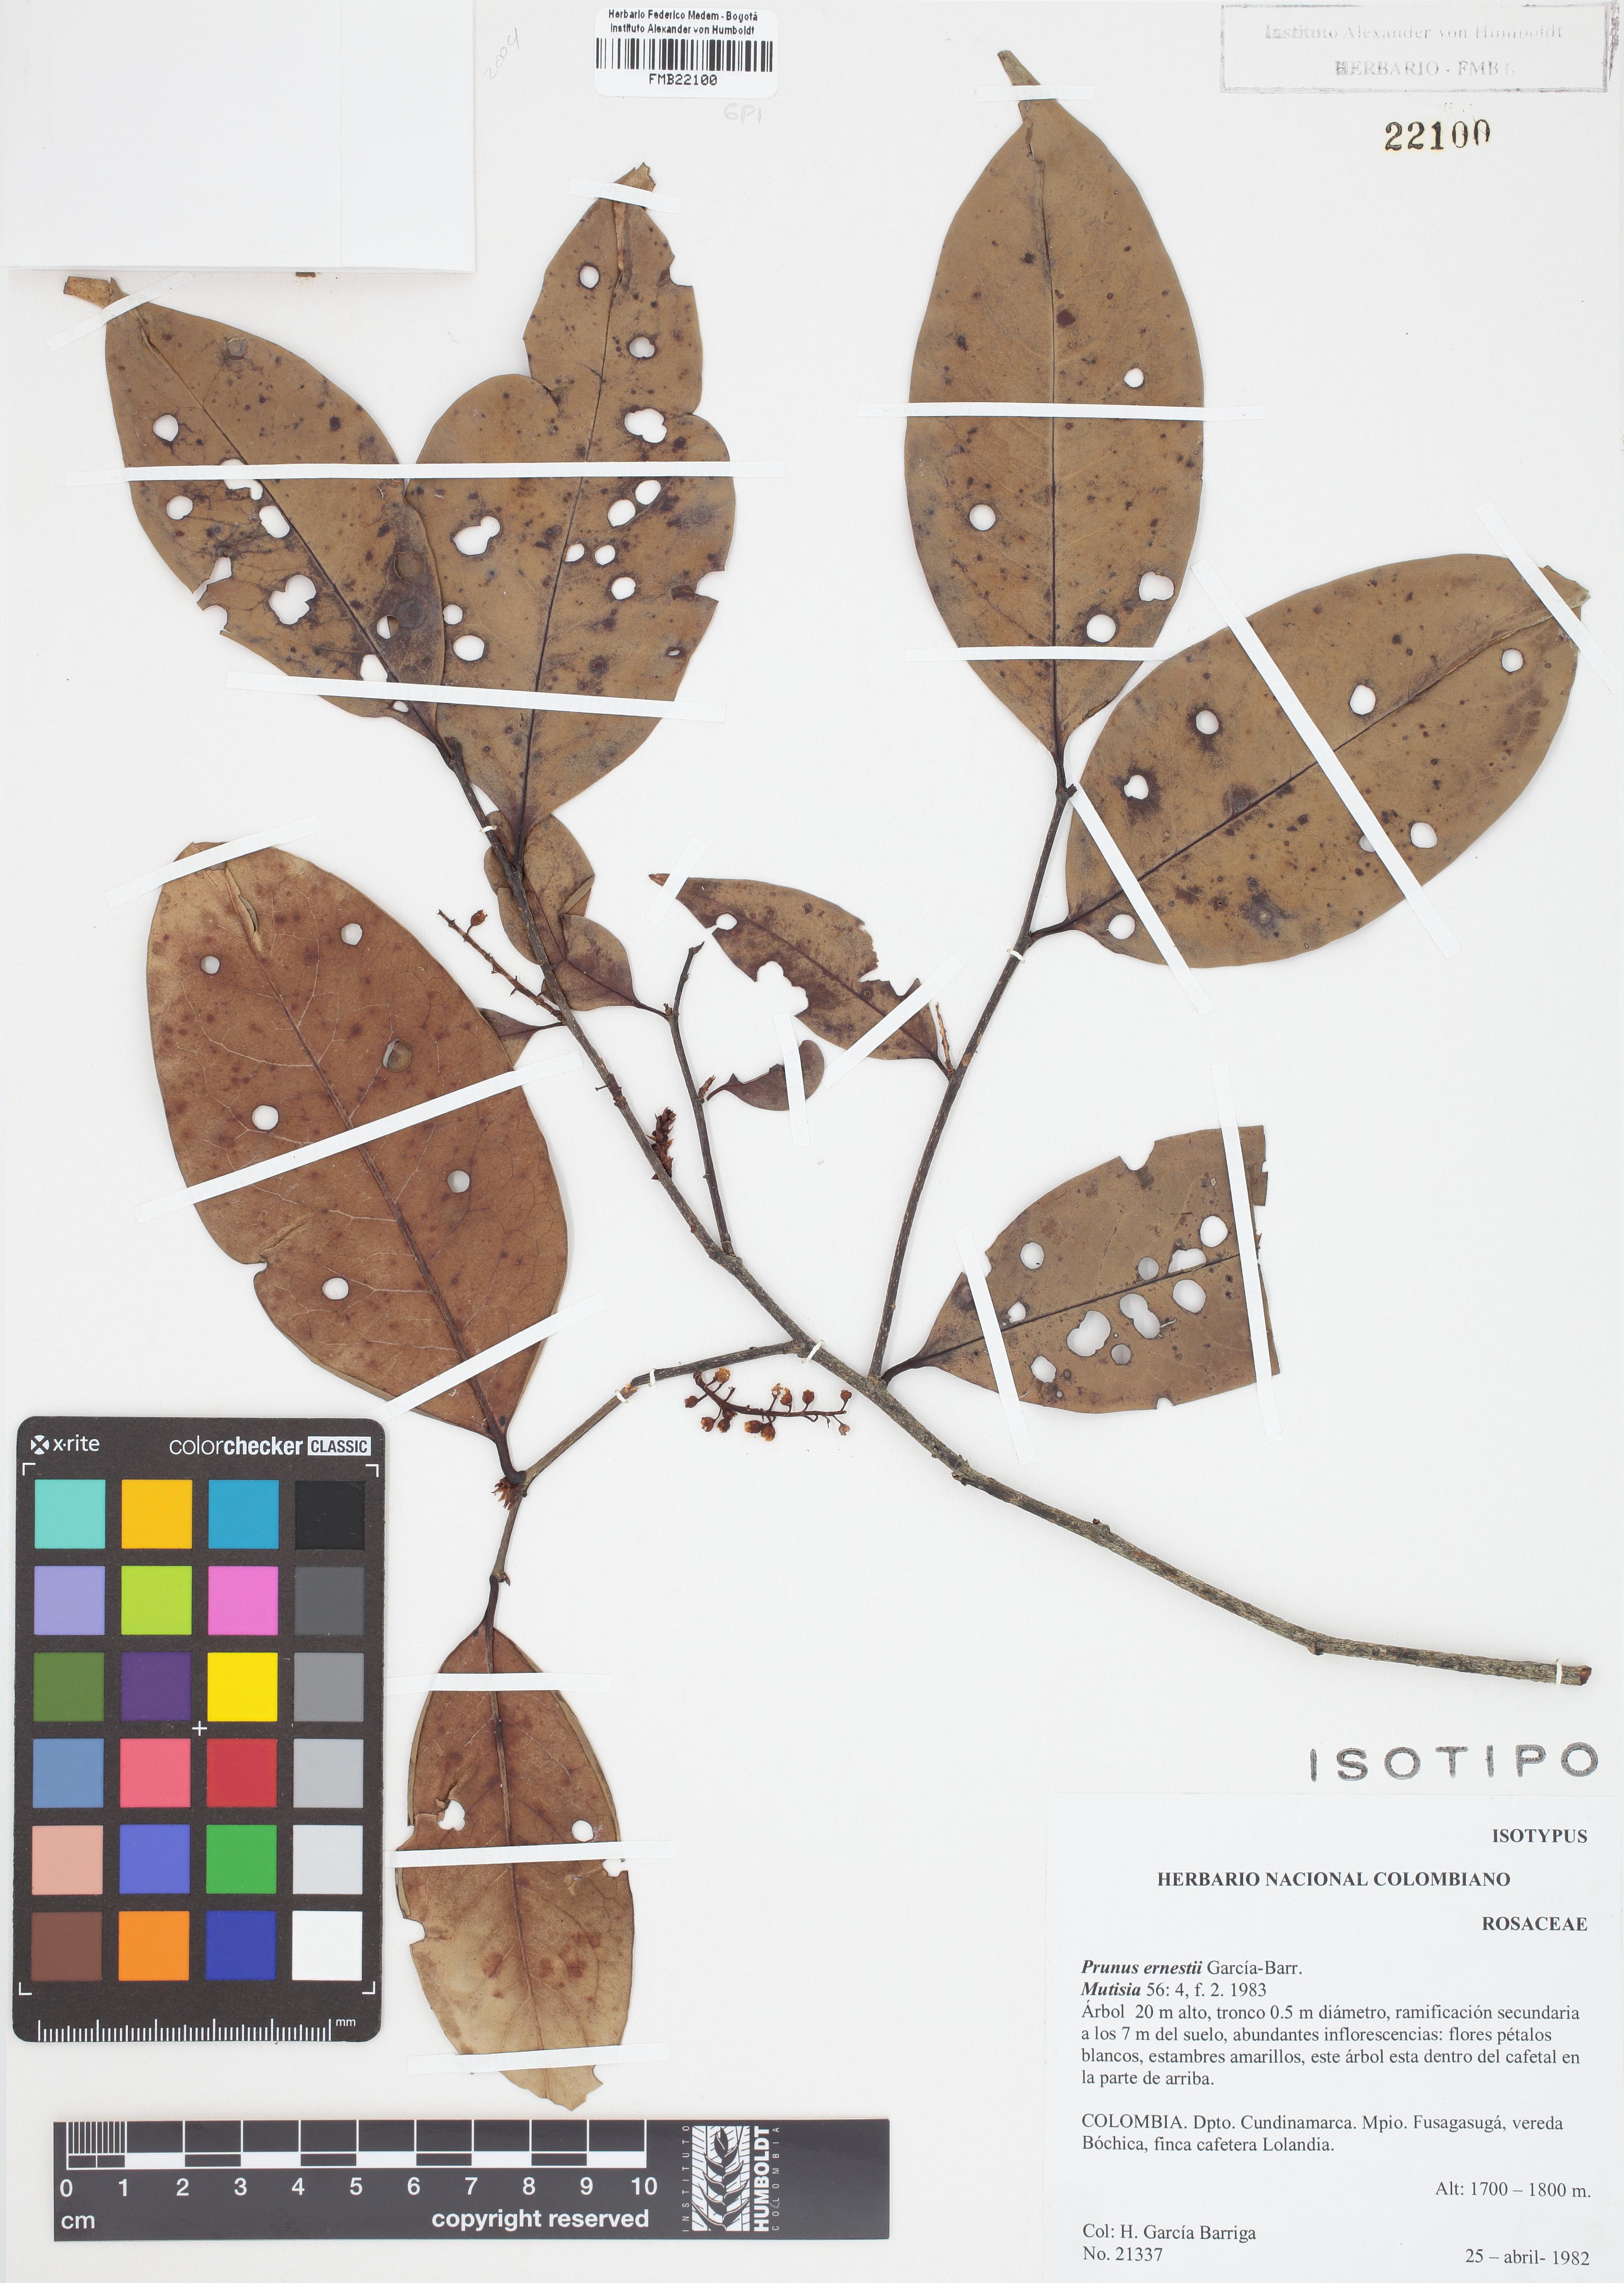 Isotipo de <em>Prunus ernestii</em>, FMB-22100, Fotografía por Robles A.